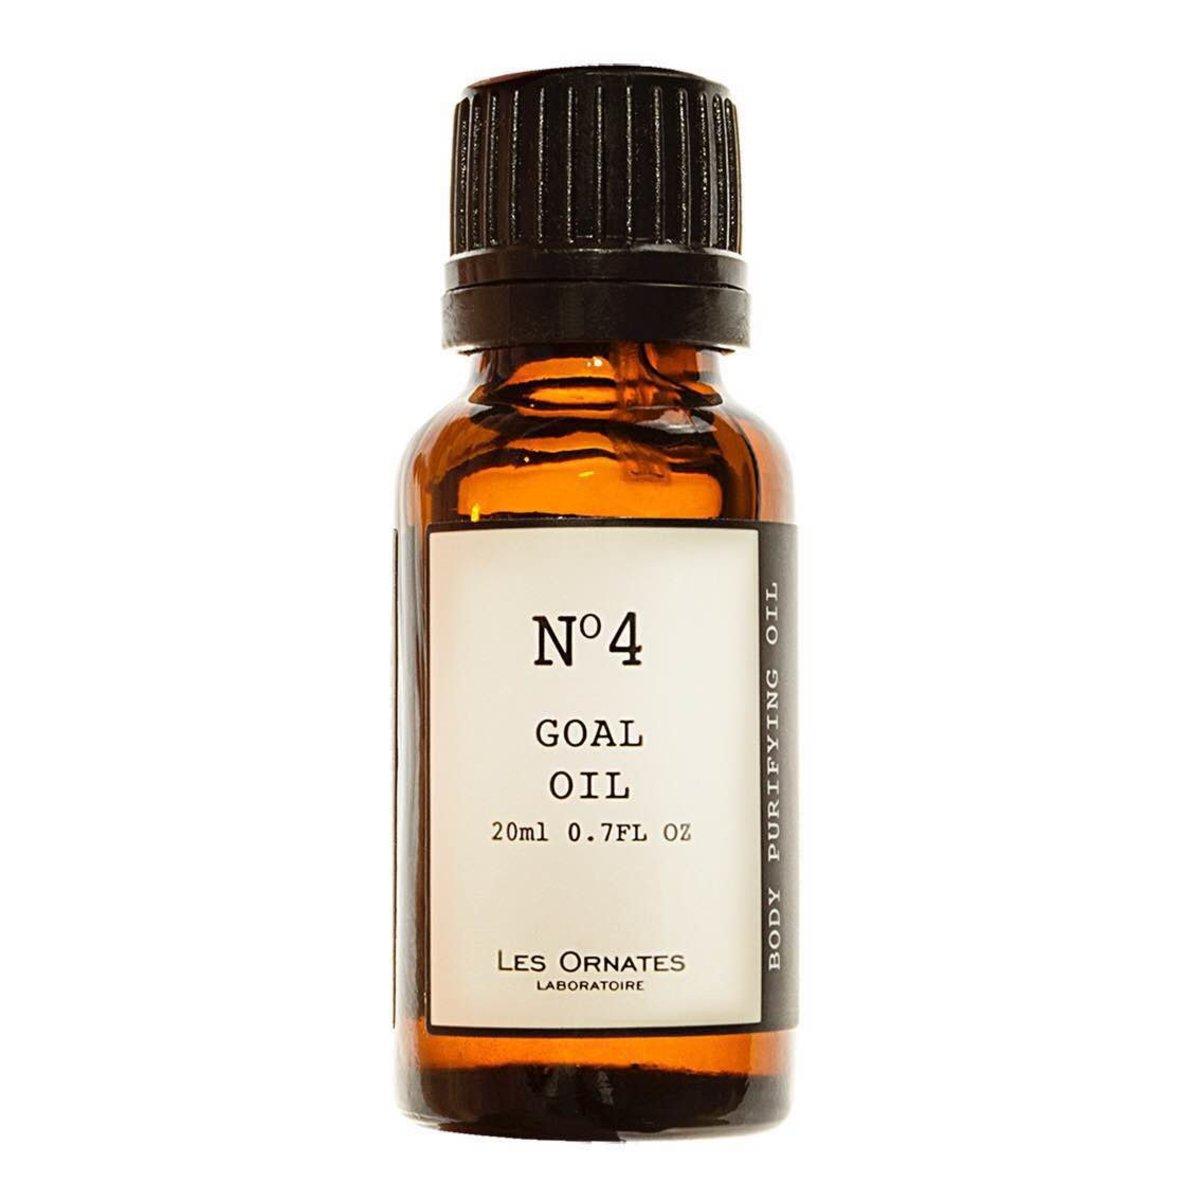 四星期精油修身療程 NO.4 Goal Oil 20ml